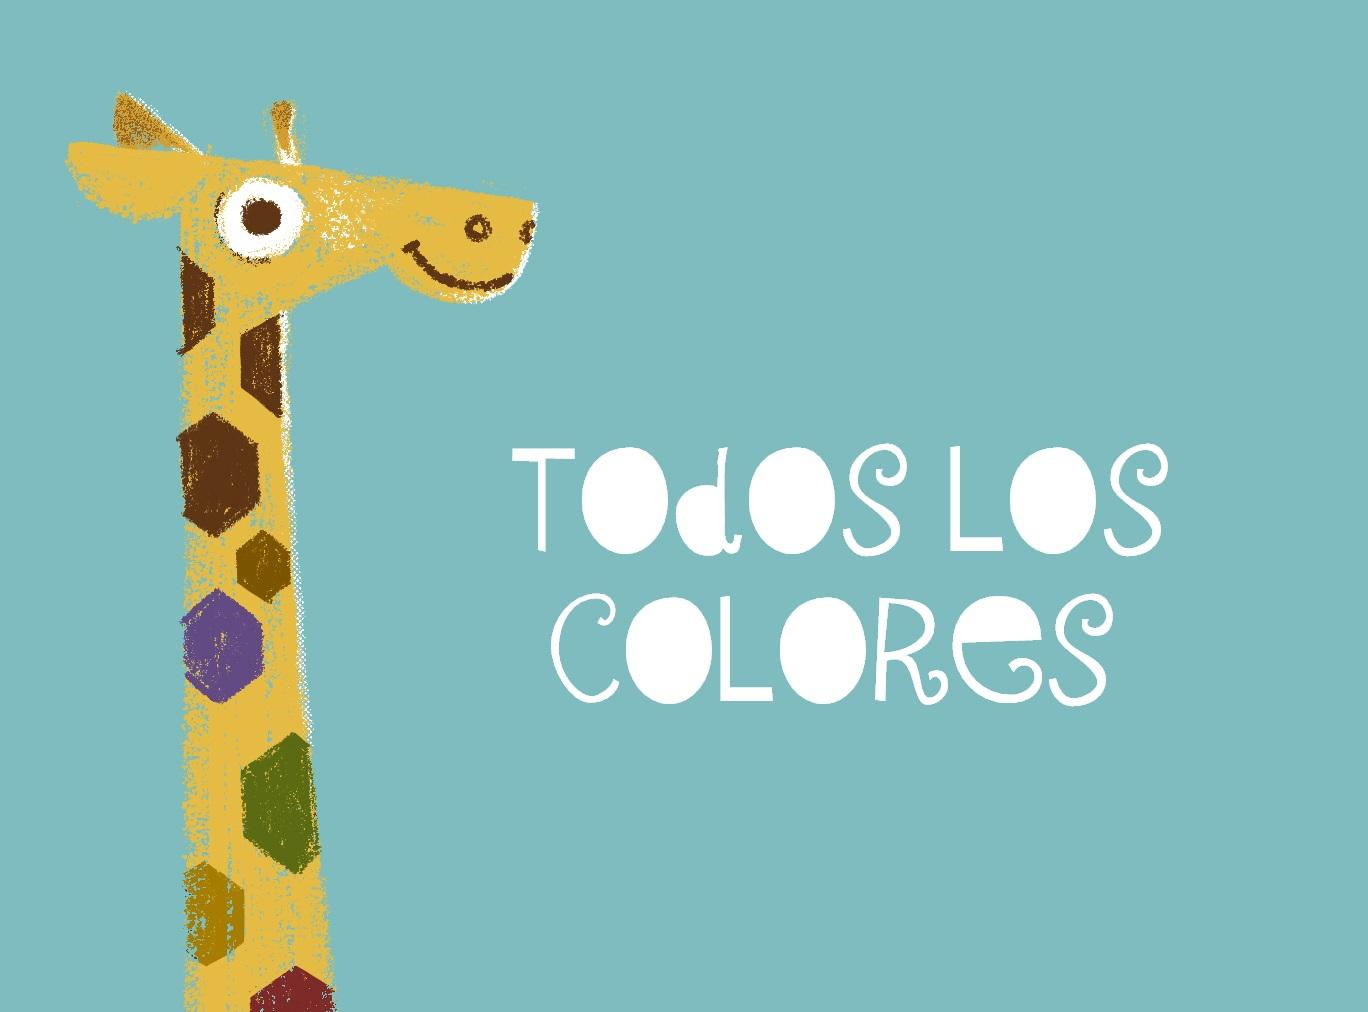 Todos los colores